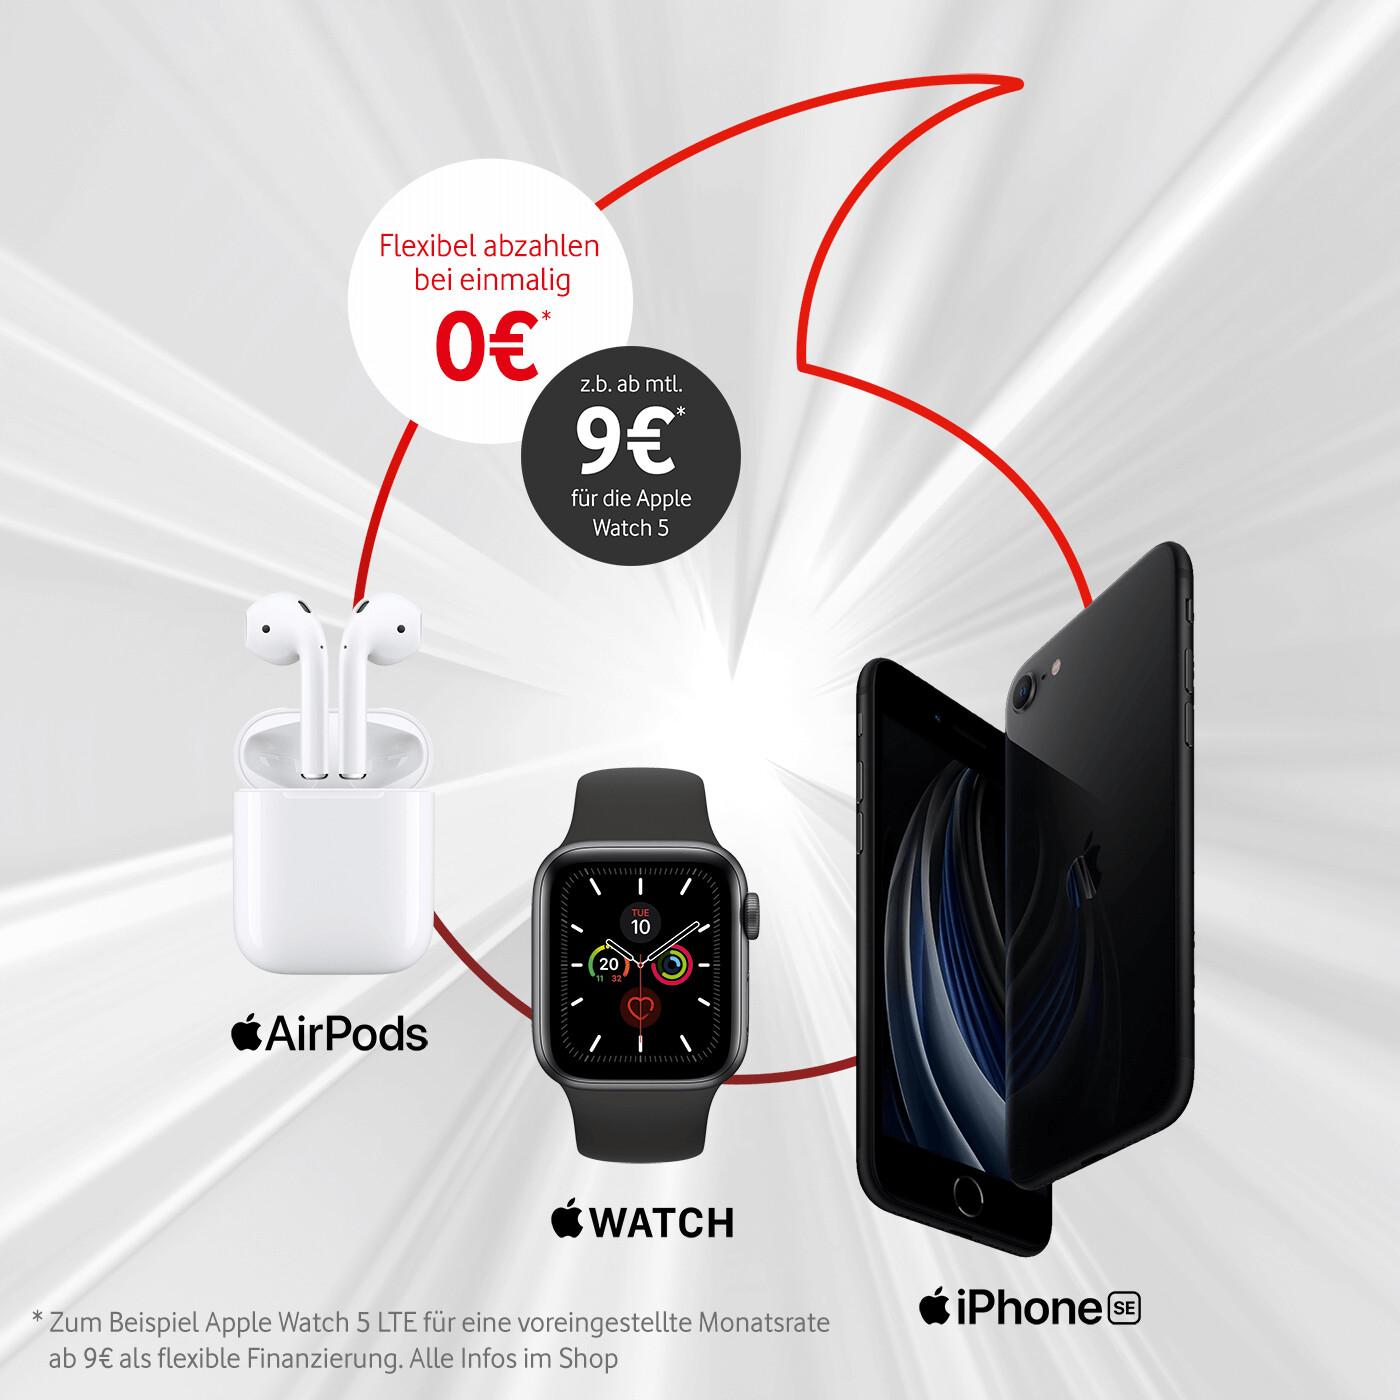 Apple-Wochen: Watch 5 + AirPods 2 + iPhone SE